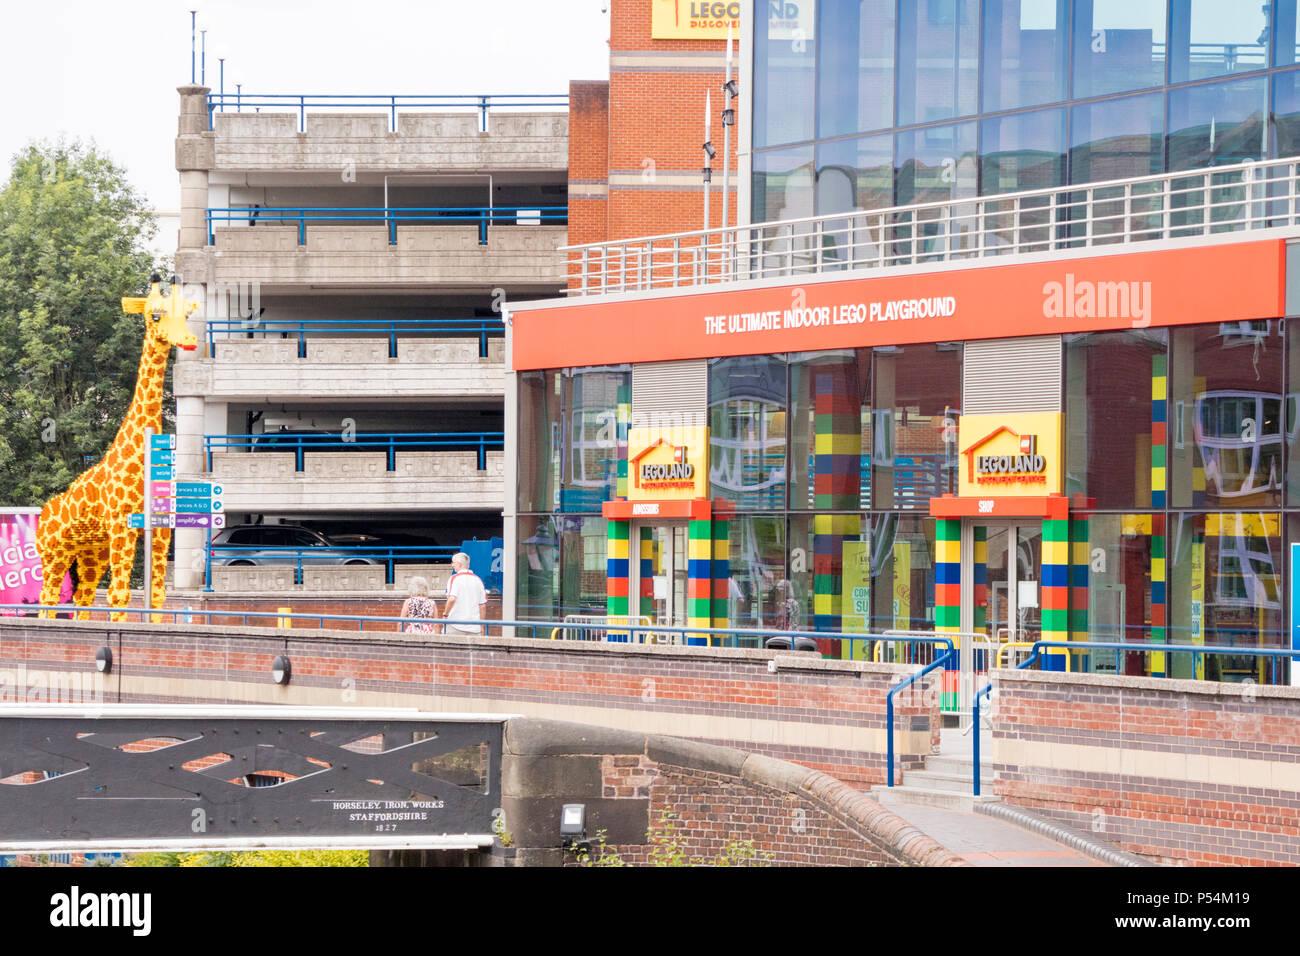 Lego Playground, Birmingham, UK Stock Photo